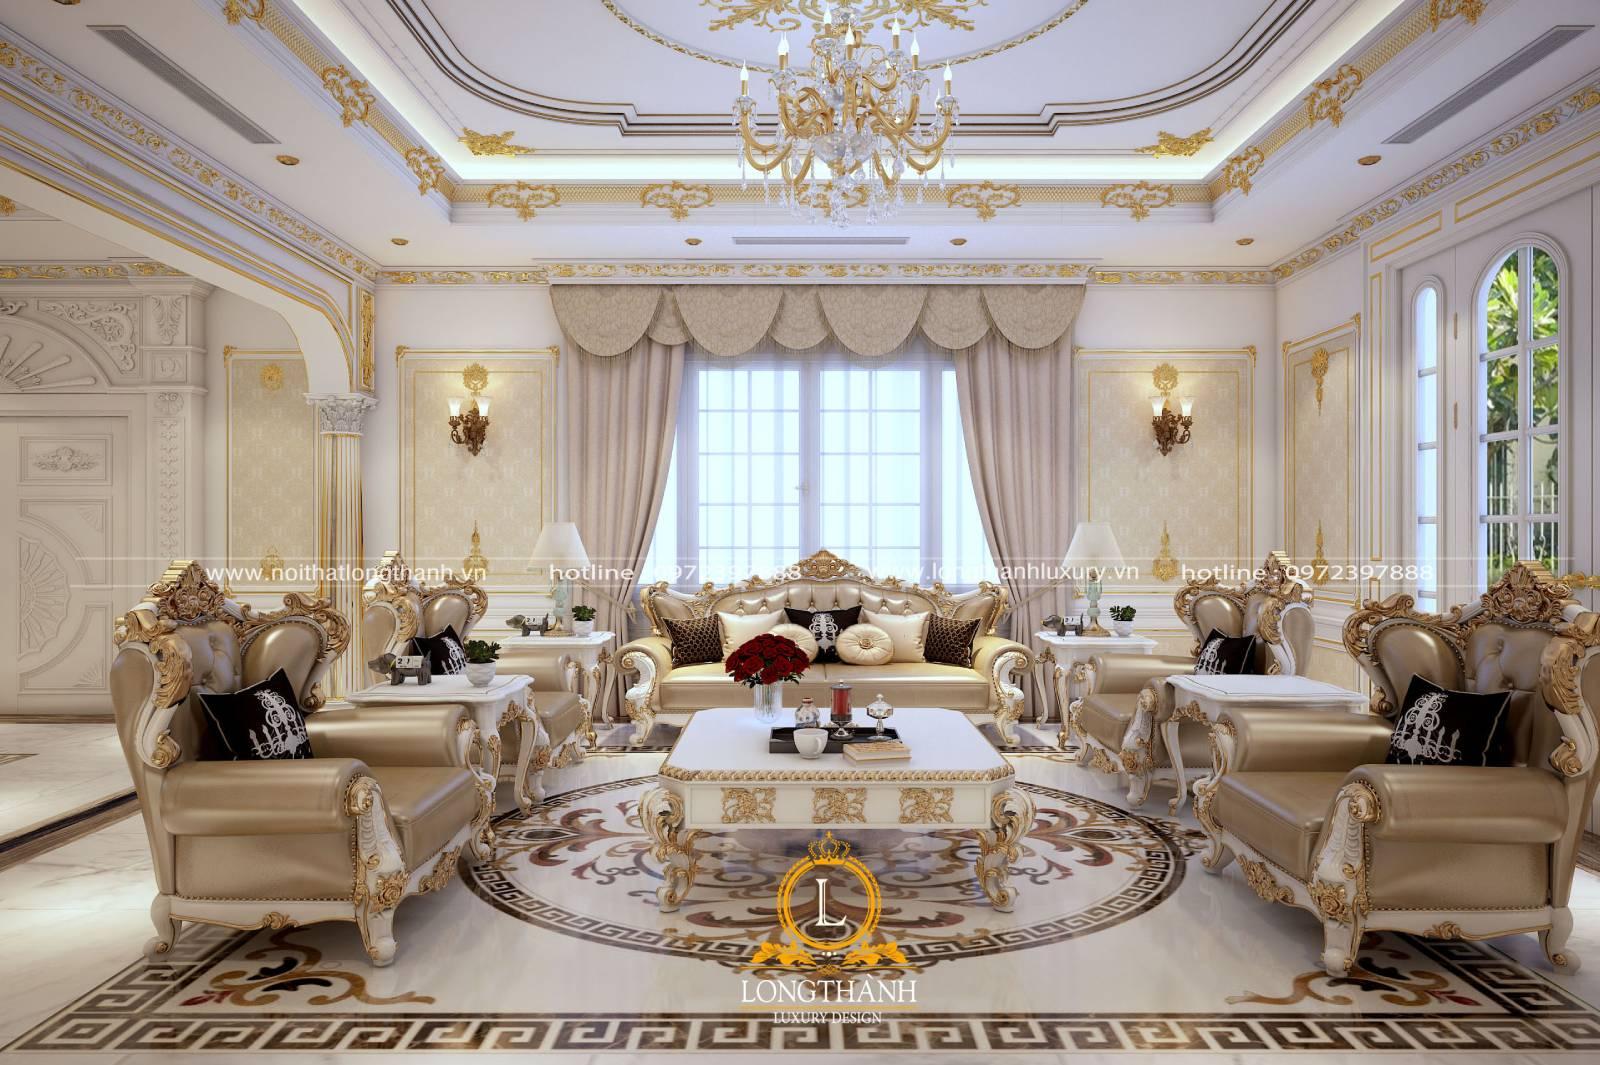 Sofa gỗ được bọc da tự nhiên cao cấp dát vàng bên ngoài